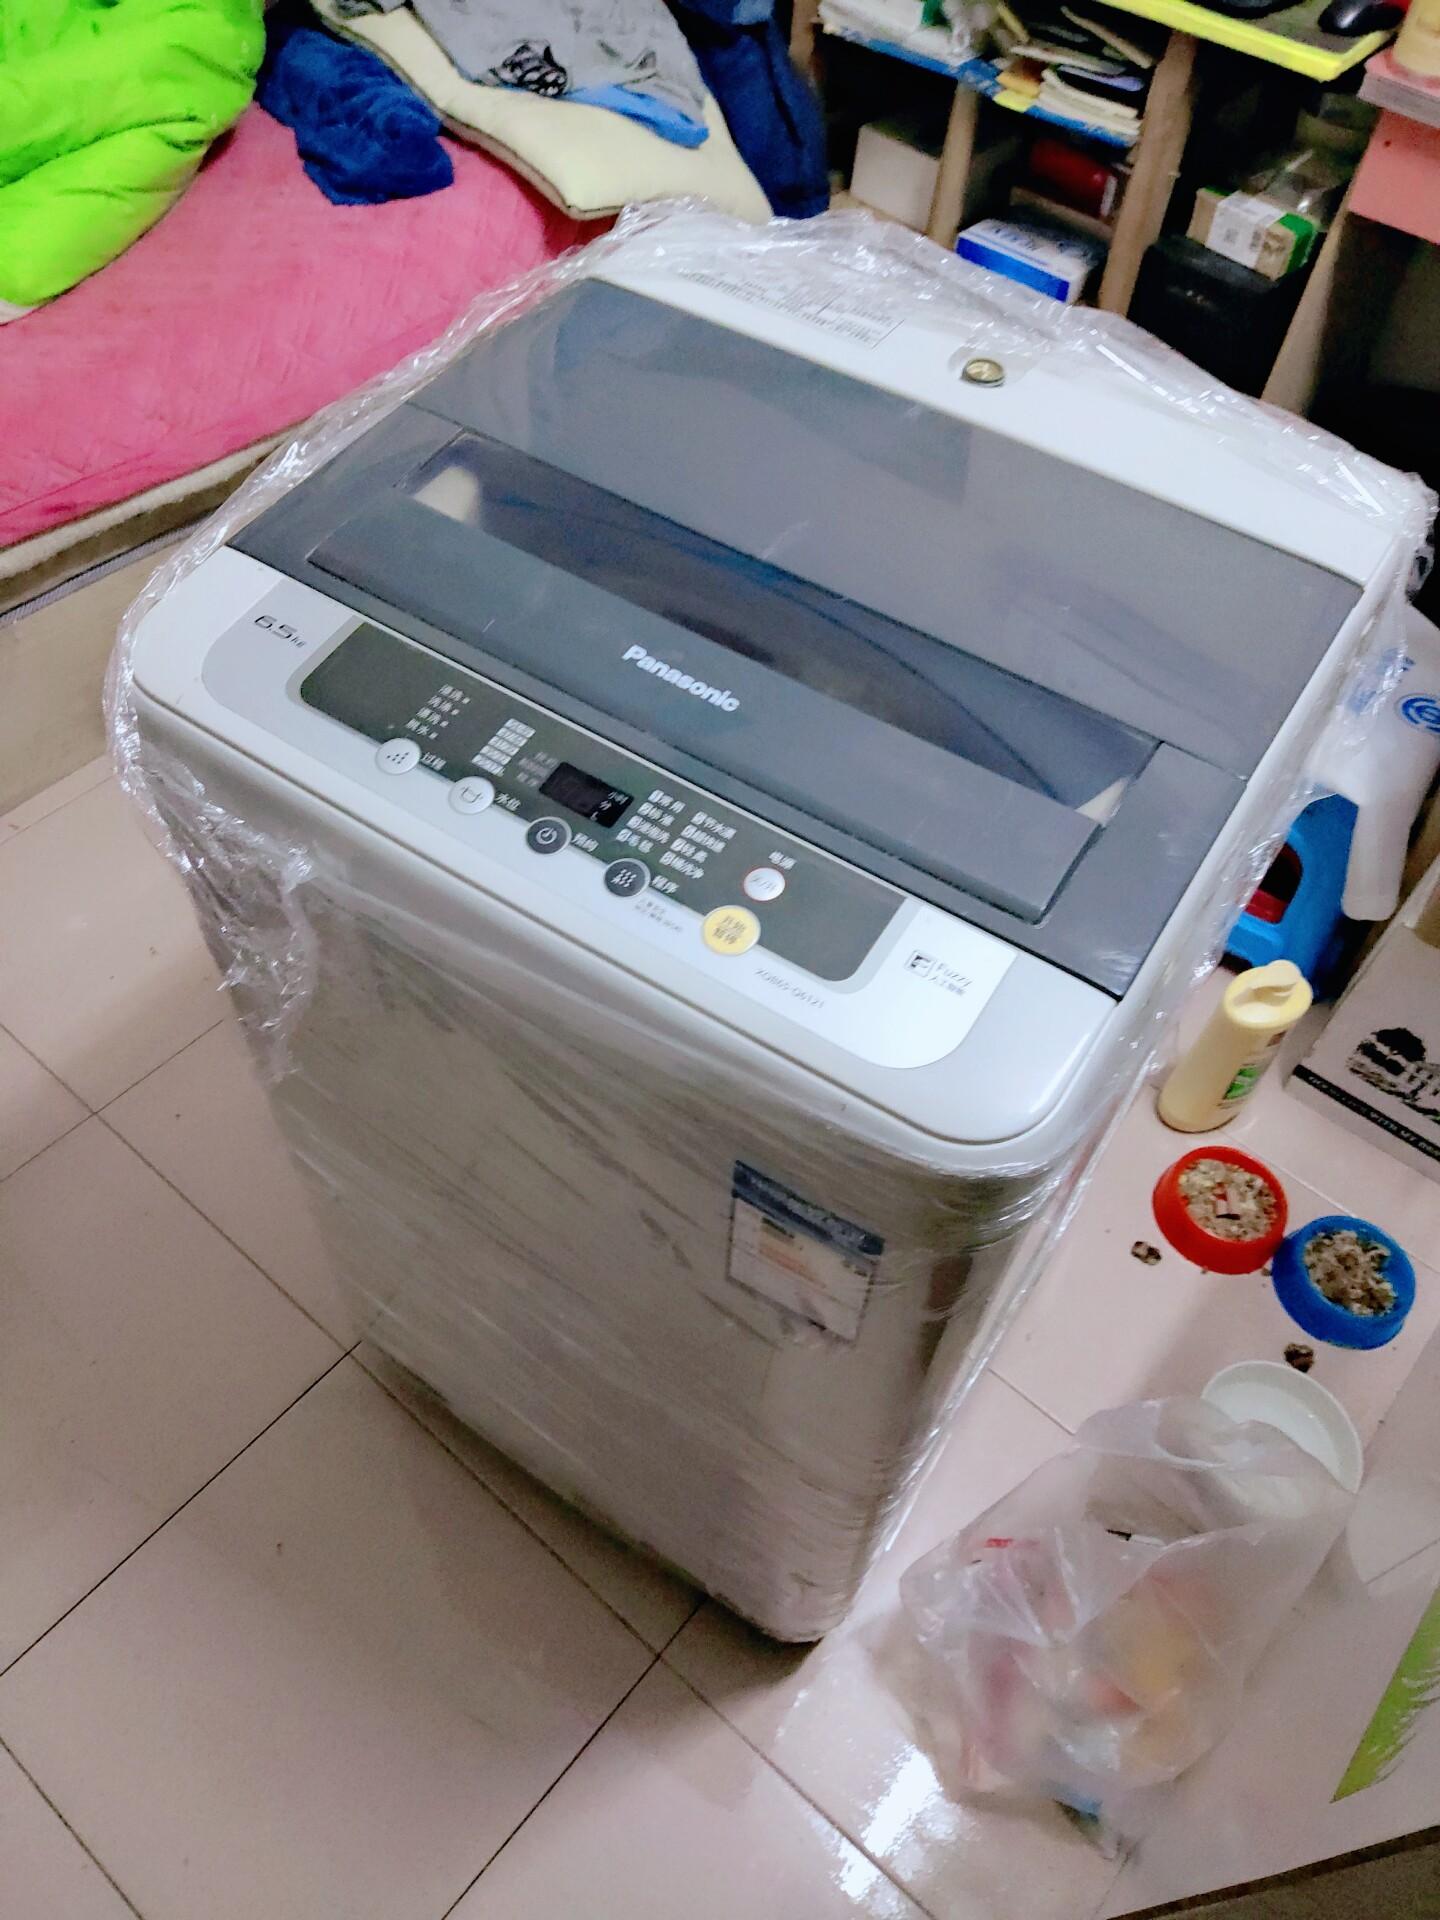 松下洗衣机6.5全自动洗衣机,本交易仅支持同城自提,坐标:东